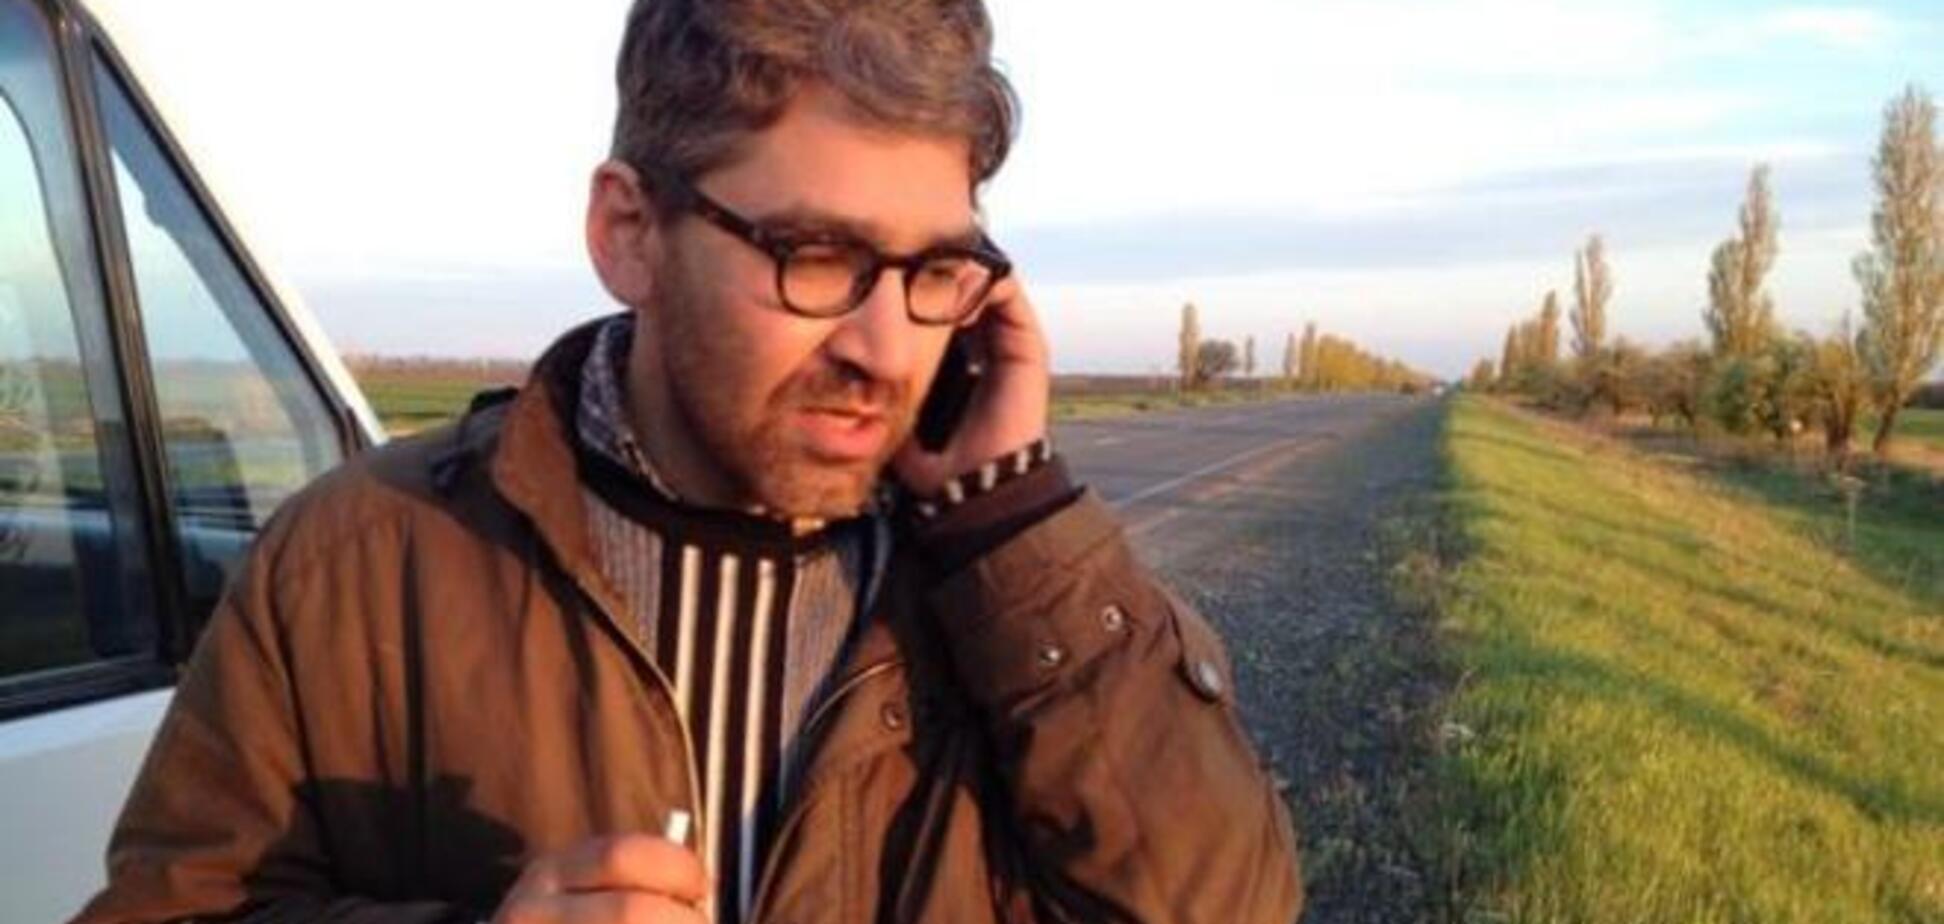 Госдеп приветствует освобождение американского журналиста в Славянске